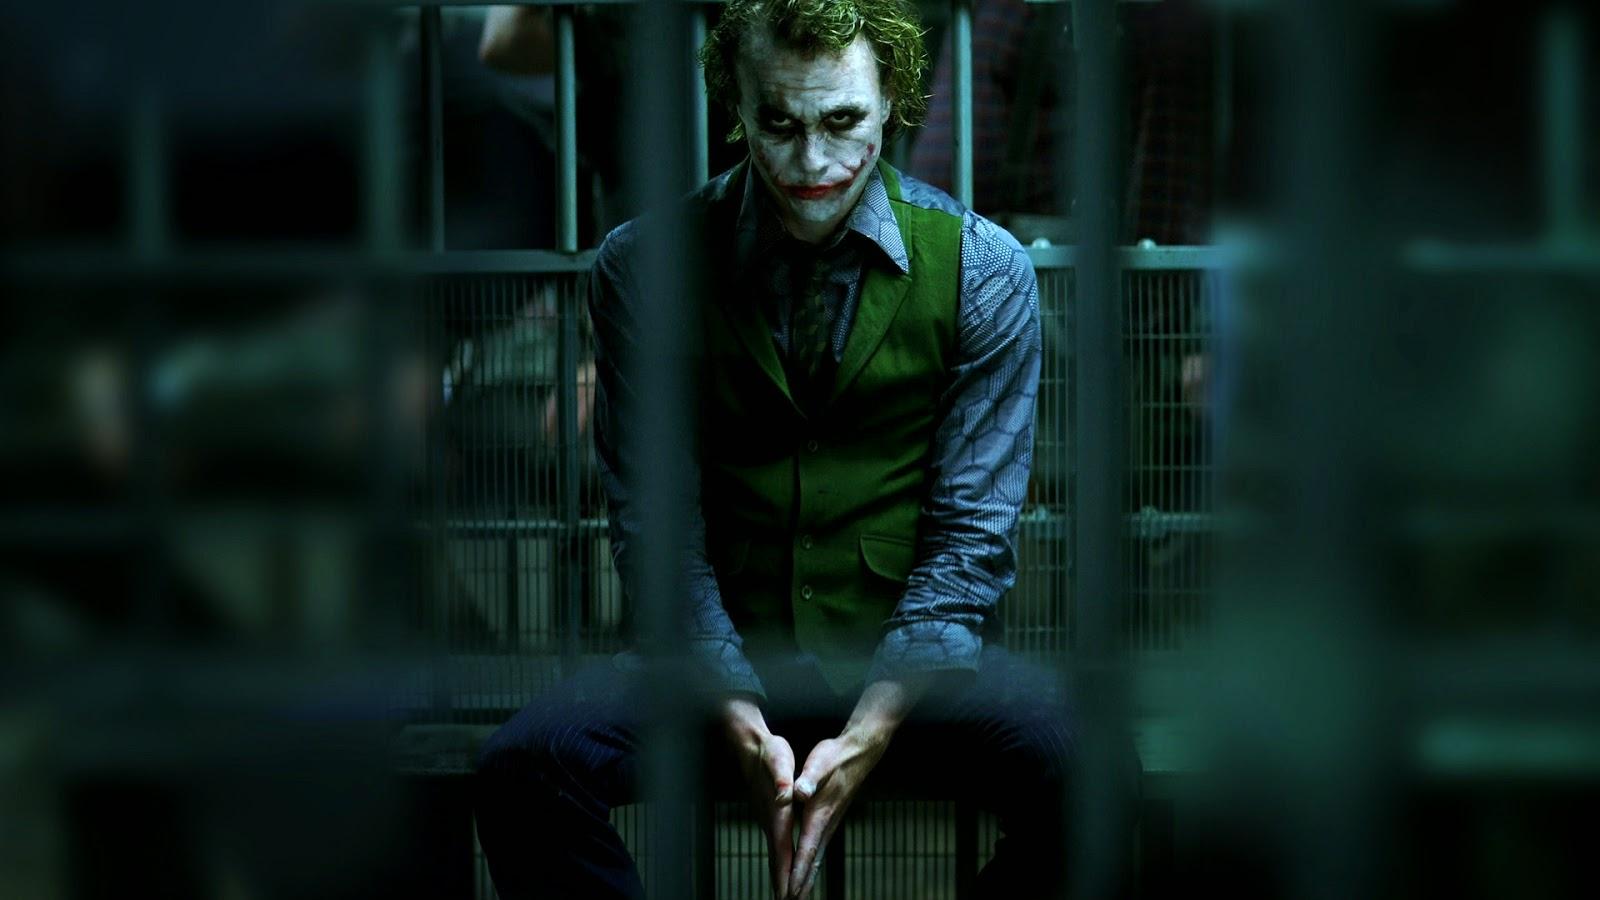 Dark Knight Joker Wallpaper Favorable